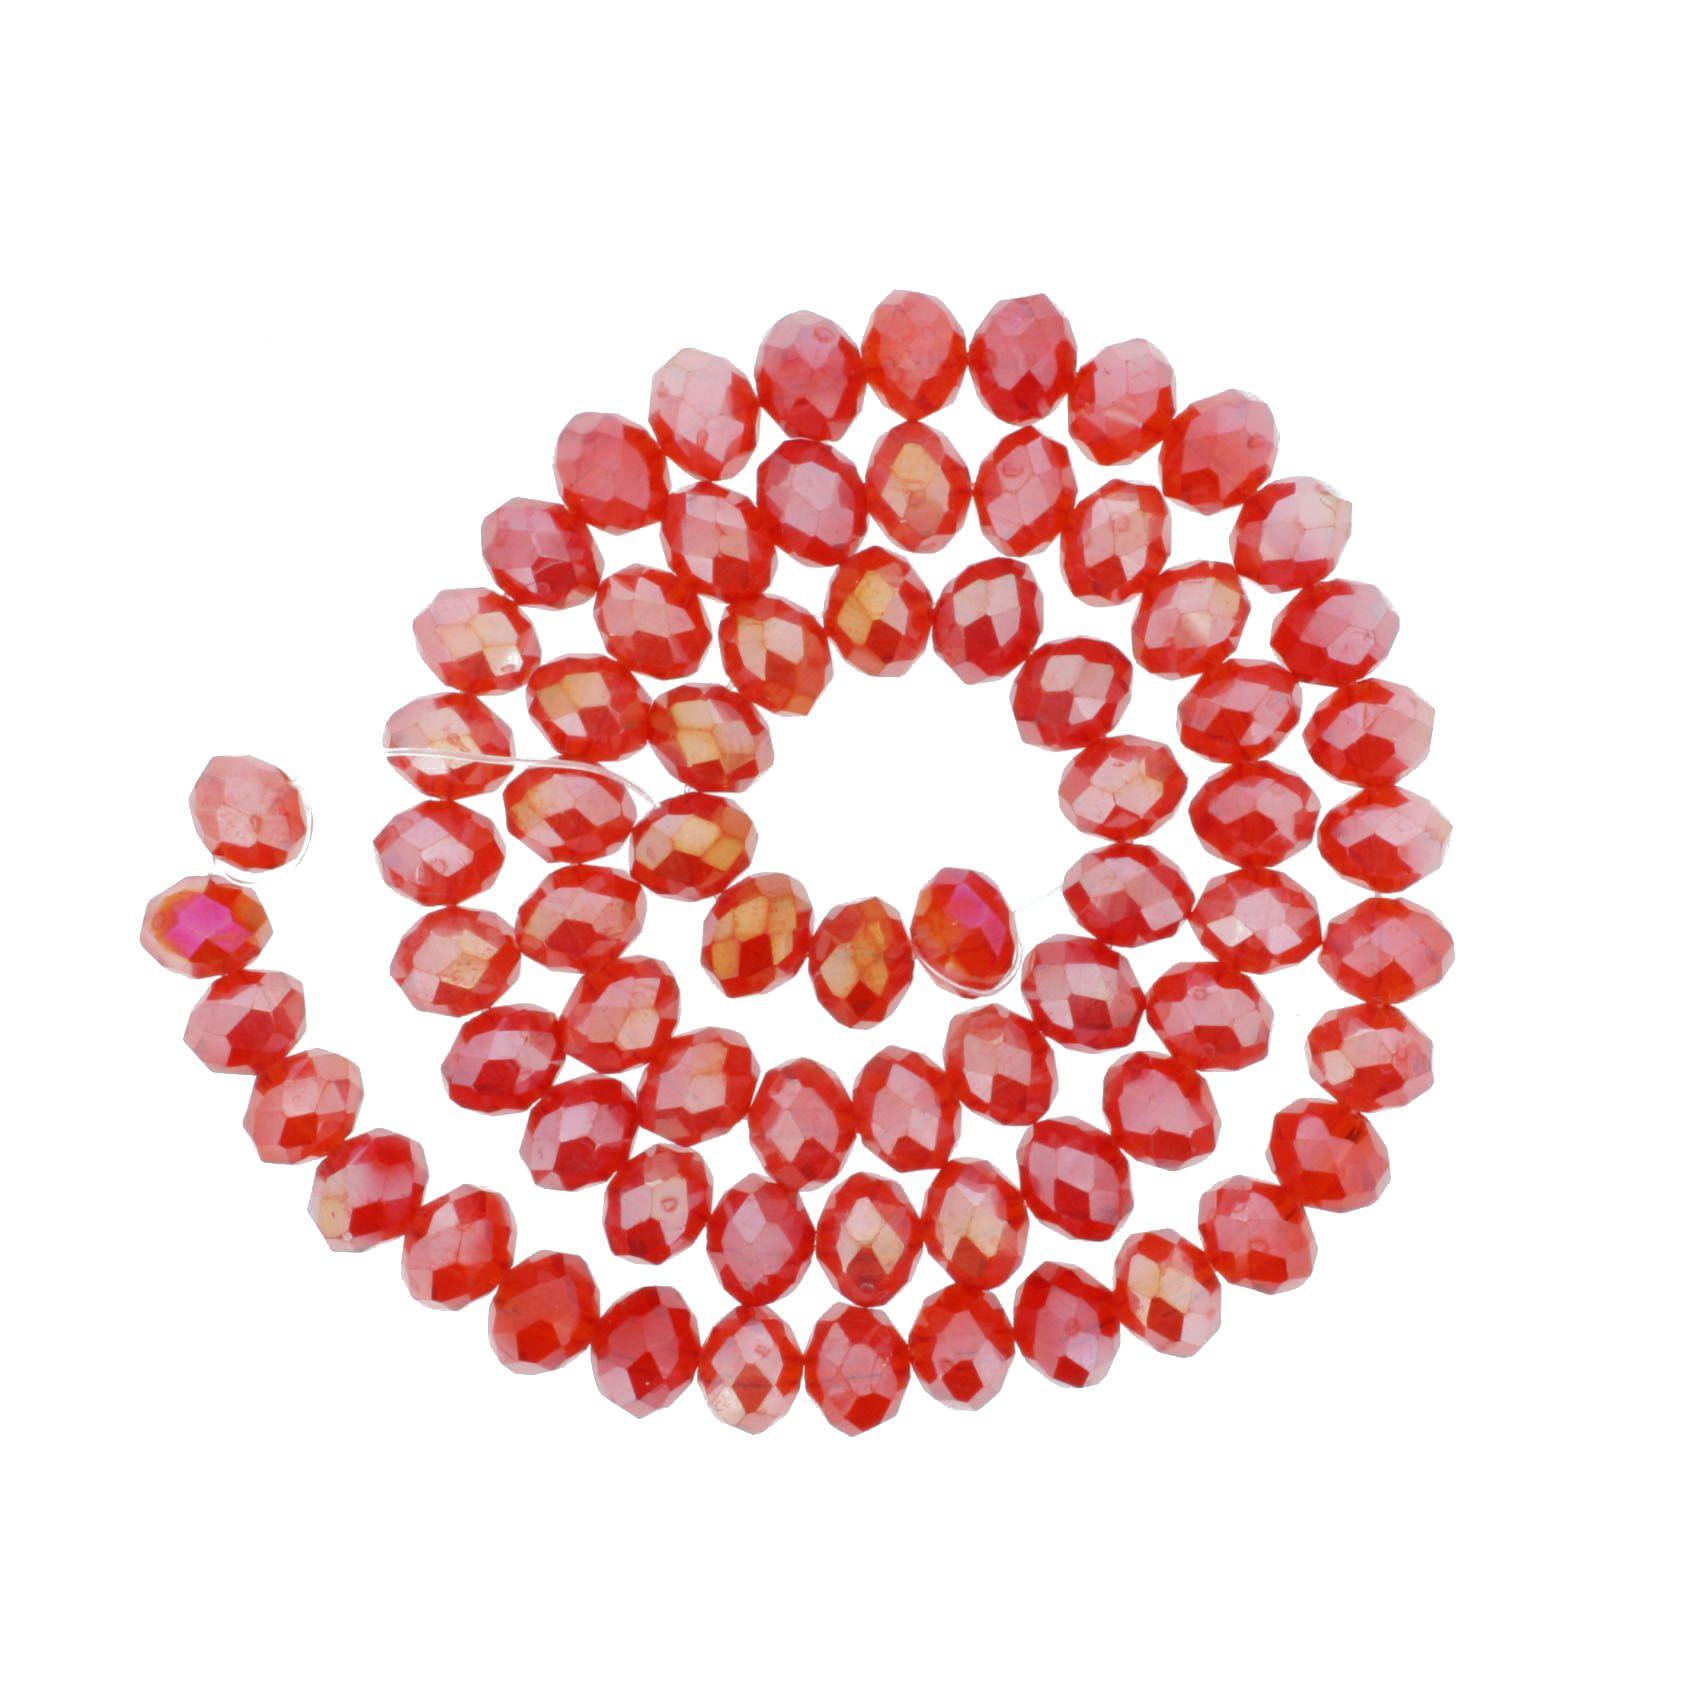 Fio de Cristal - Flat® - Vermelho Transparente Irizado - 8mm  - Stéphanie Bijoux® - Peças para Bijuterias e Artesanato